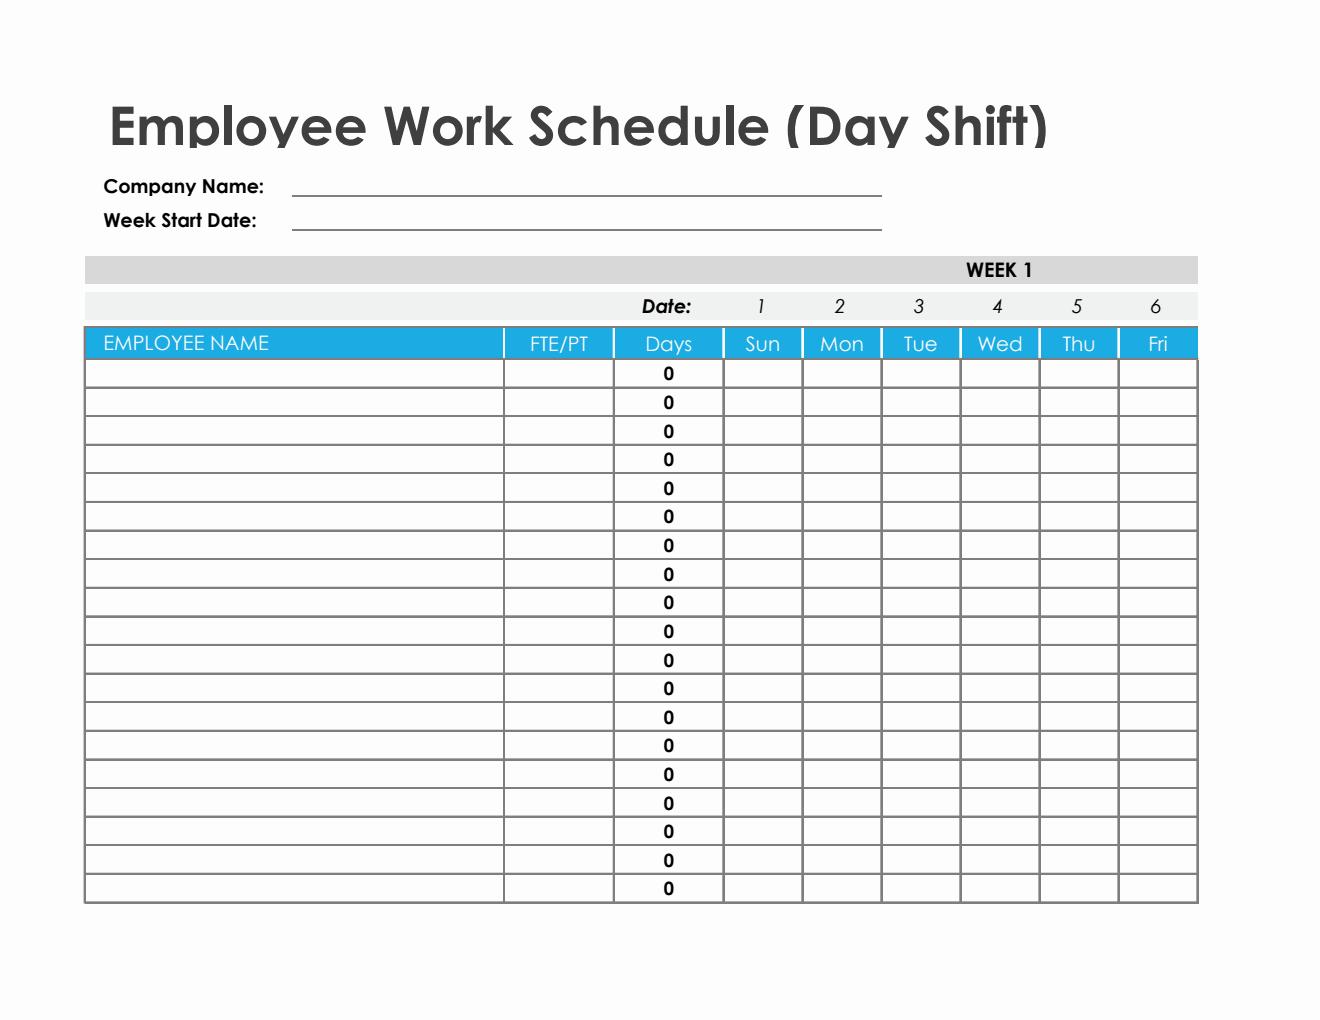 Employee Work Schedule In Excel